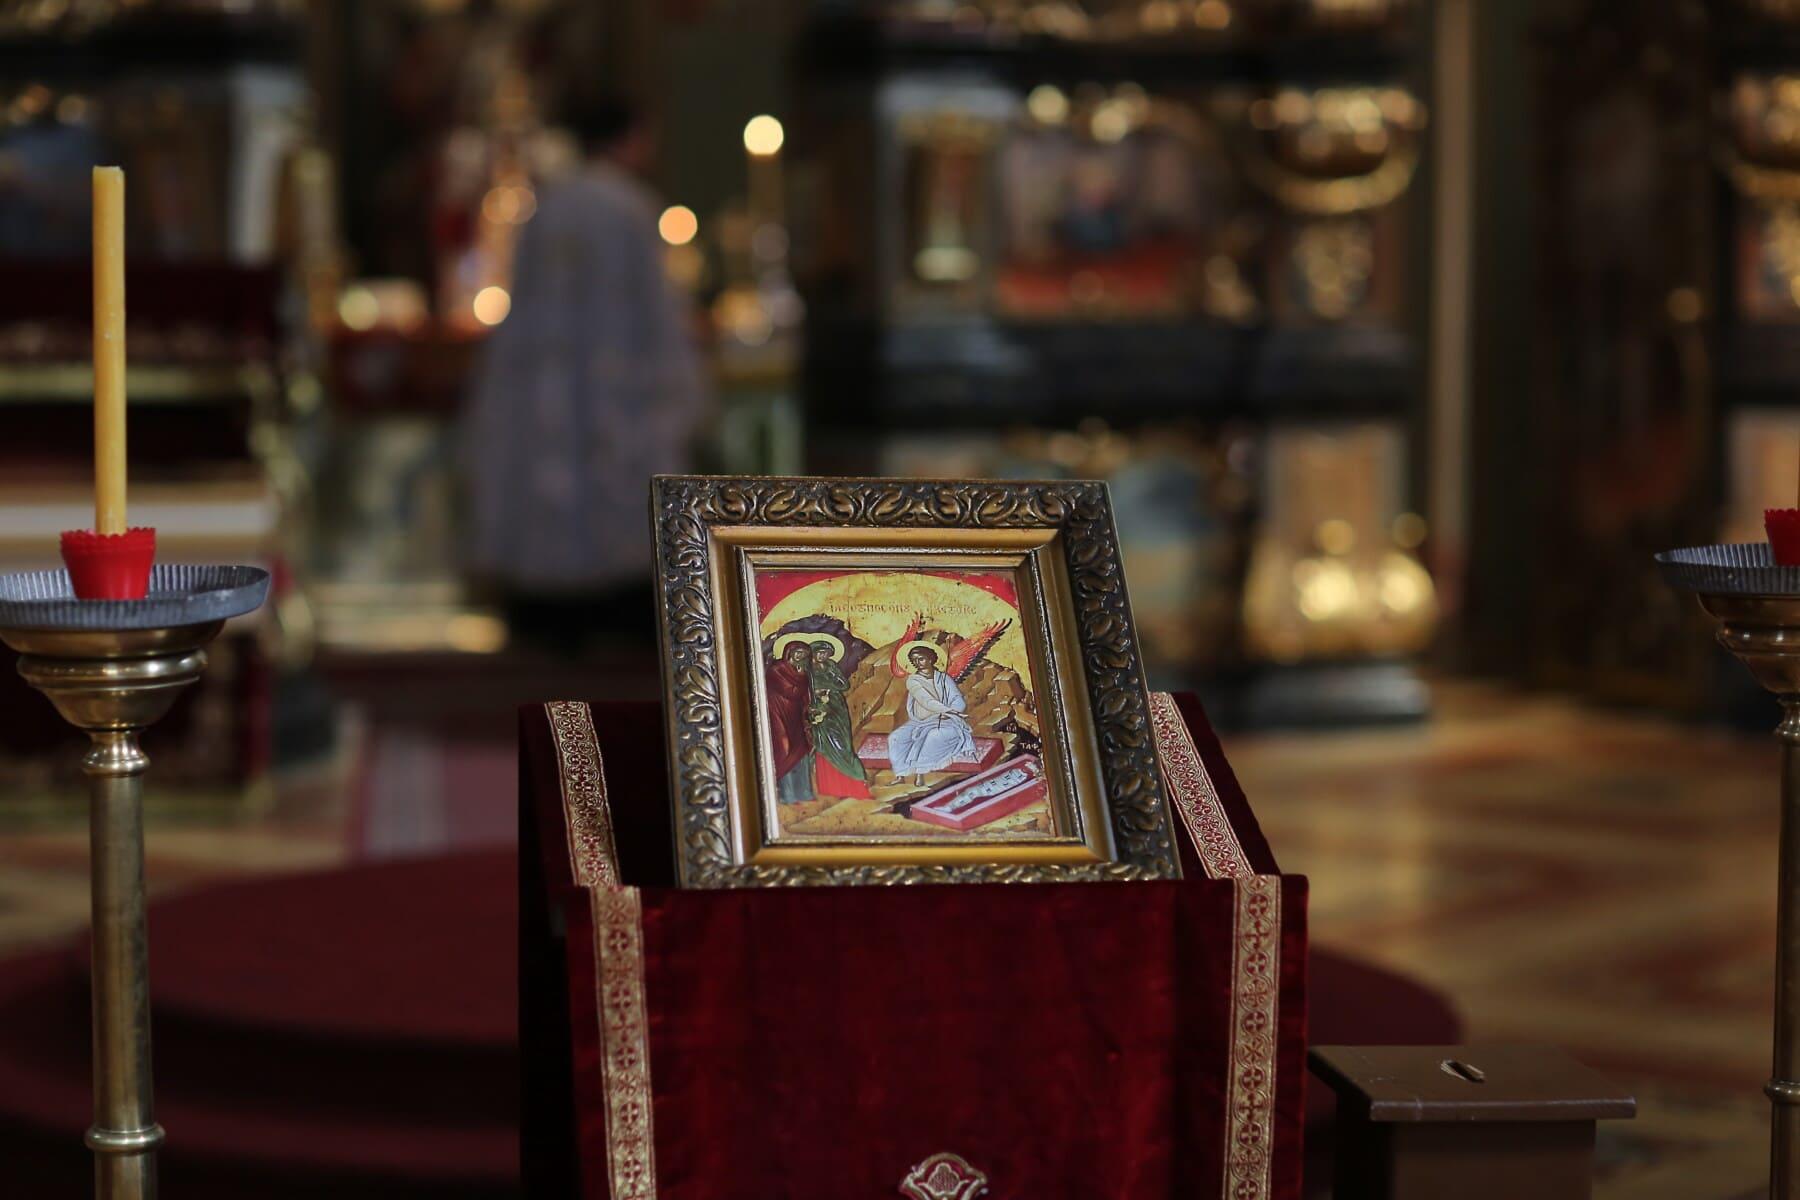 Ukraine, Russe, église, orthodoxe, Saint, icône, bougie, à l'intérieur, Design d'intérieur, religion